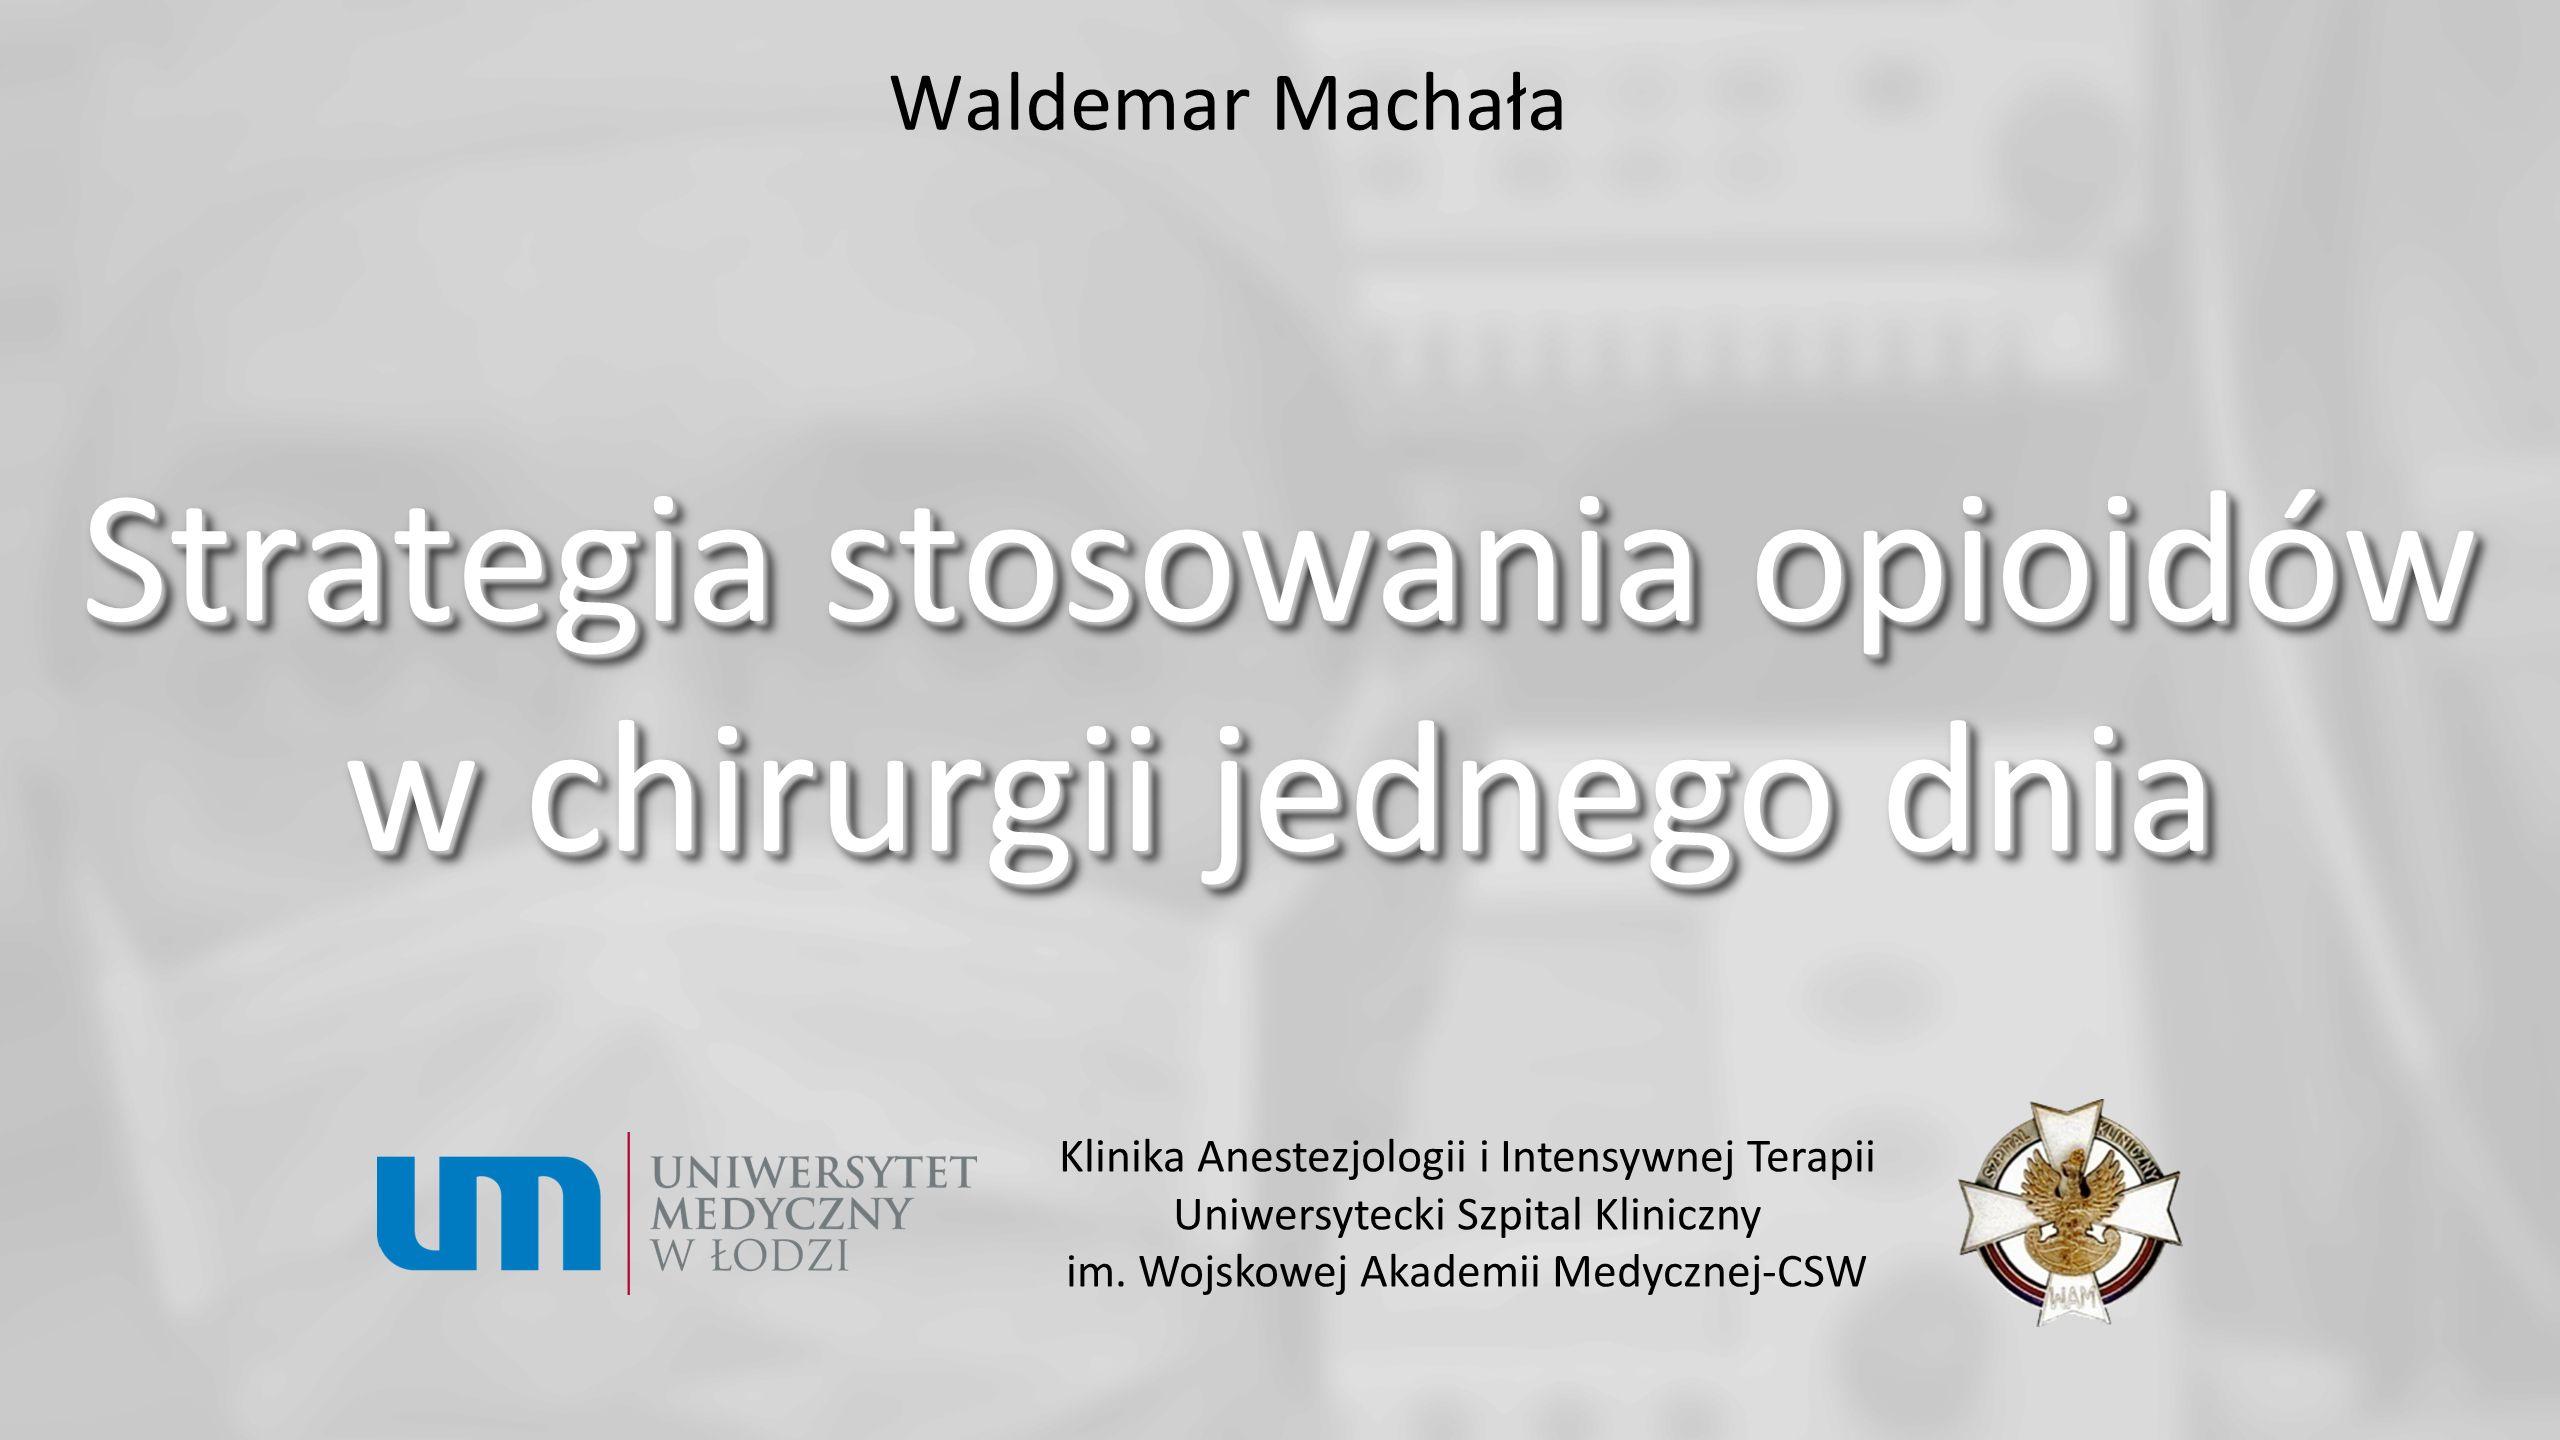 Waldemar Machała Strategia stosowania opioidów w chirurgii jednego dnia Klinika Anestezjologii i Intensywnej Terapii Uniwersytecki Szpital Kliniczny i